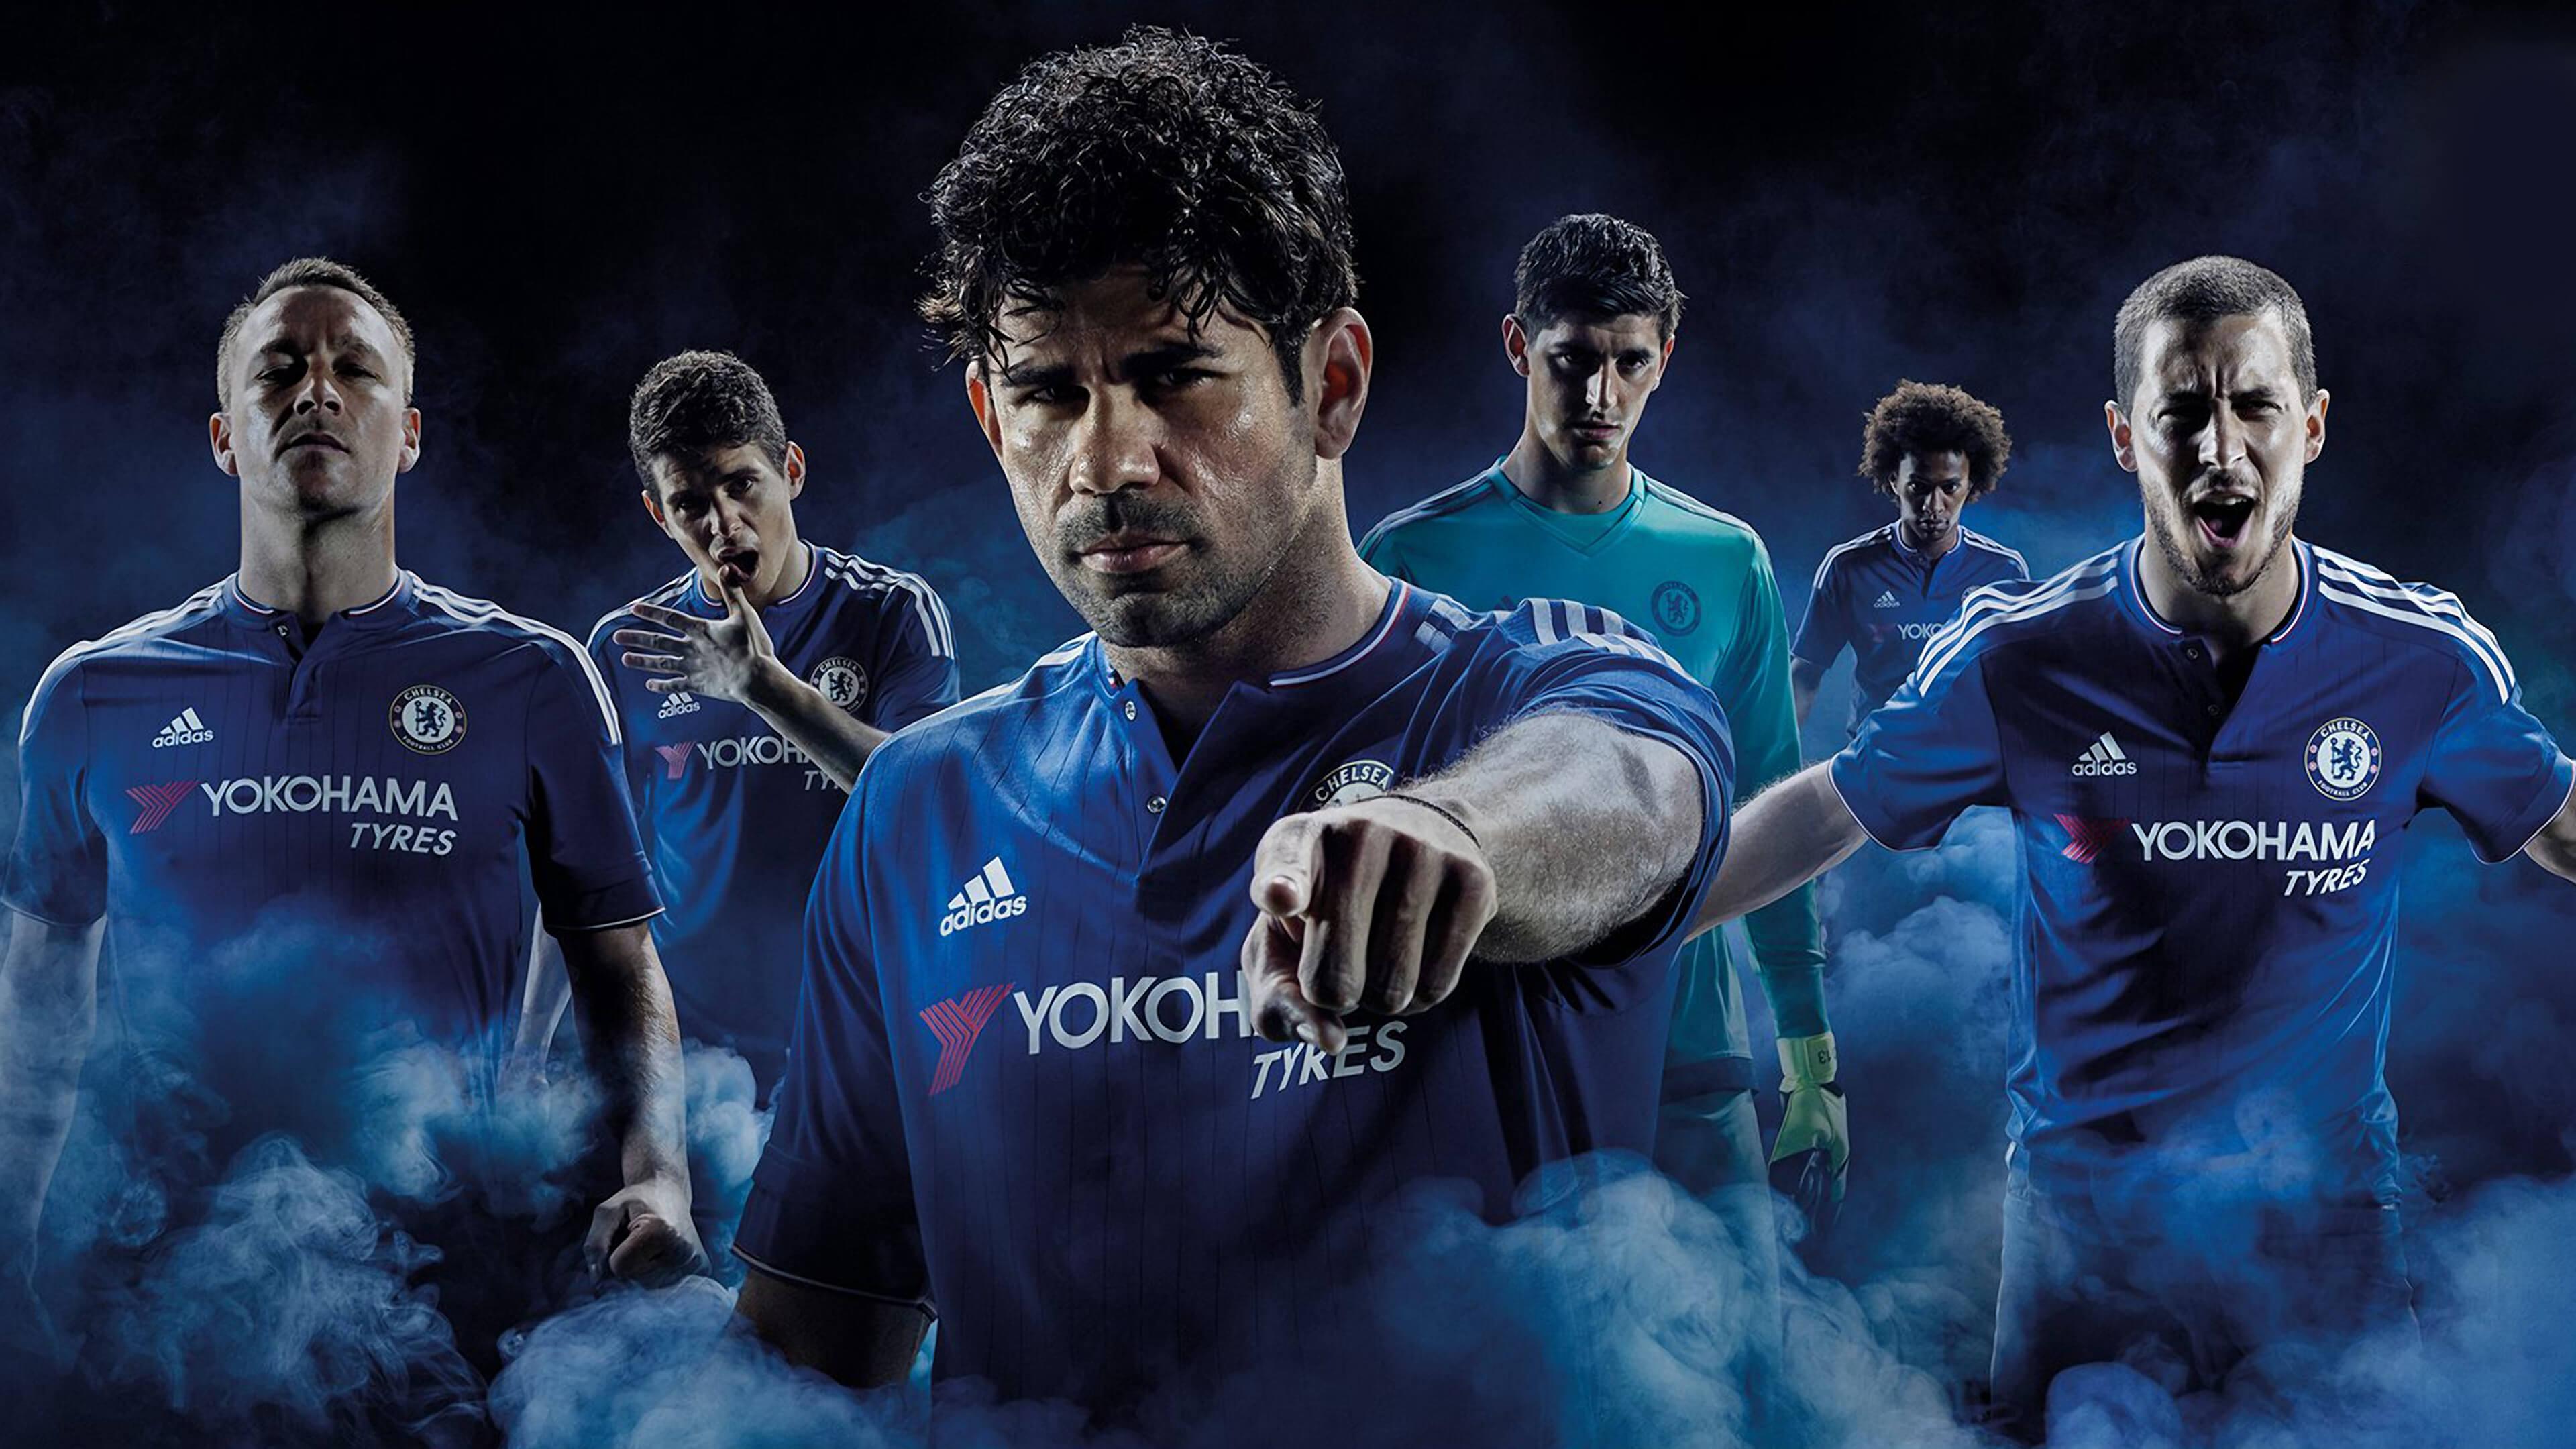 Chelsea-FC-2015-2016-Adidas-Home-kit-4K-Wallpaper